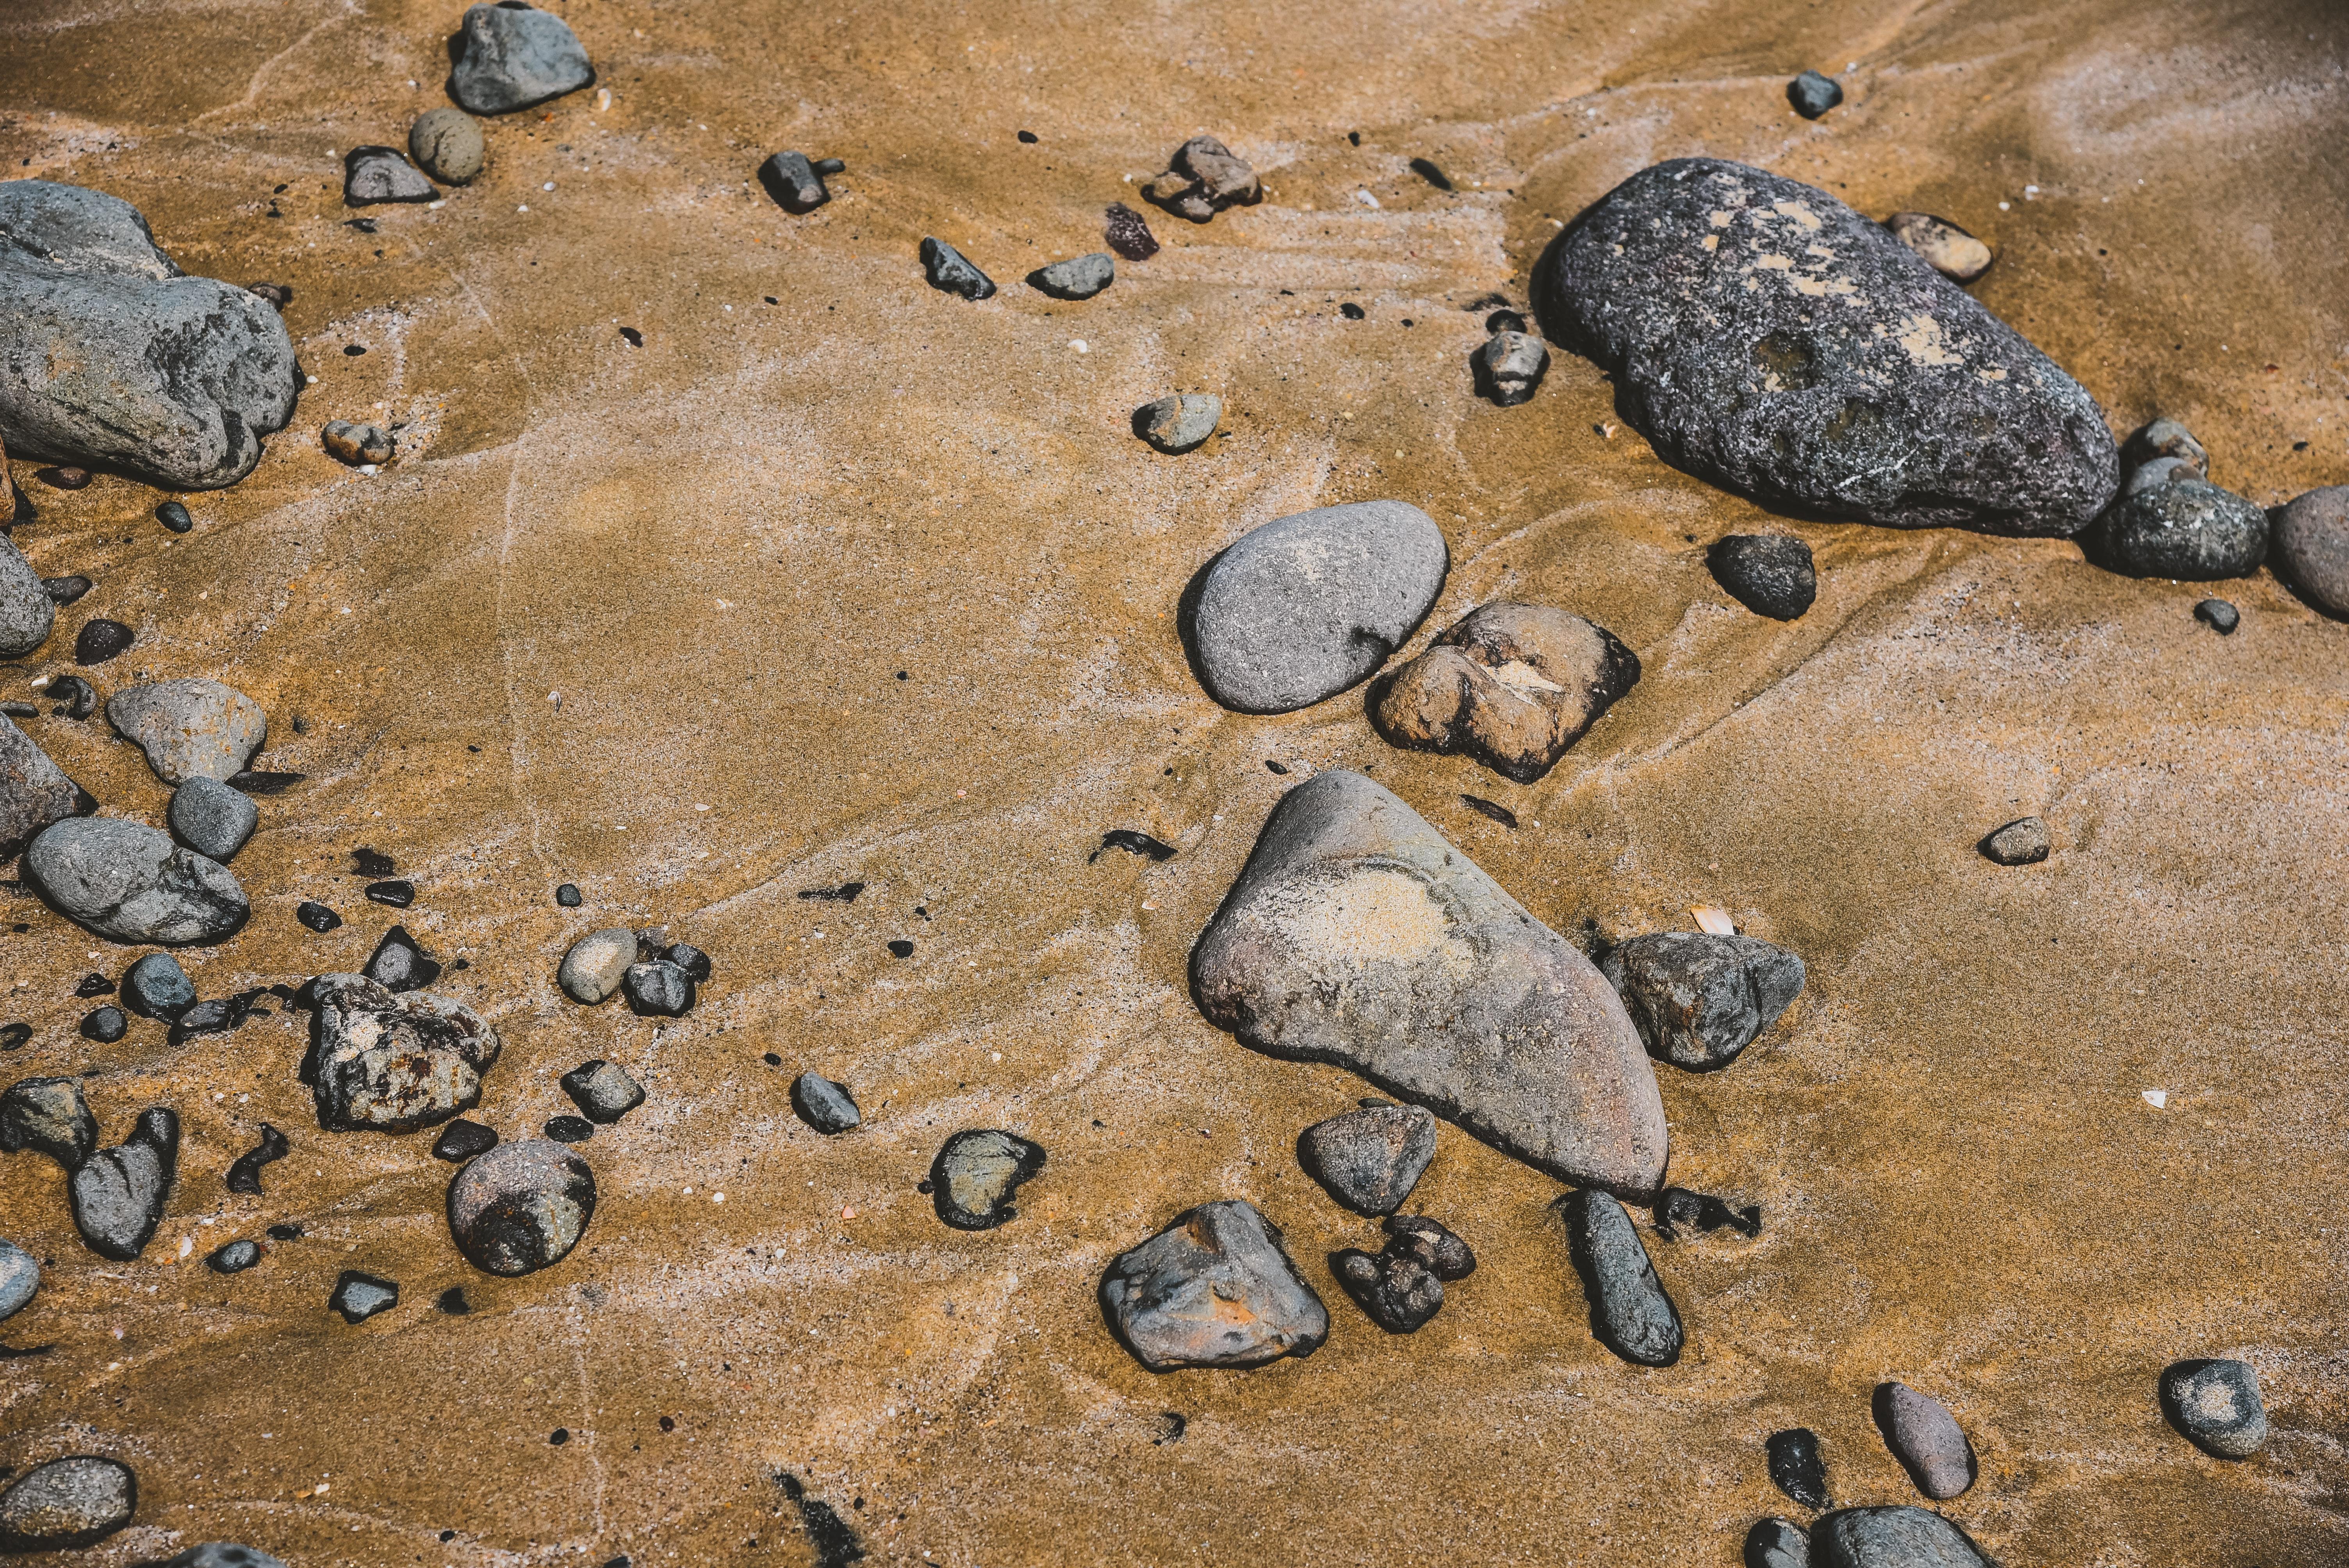 134632壁紙のダウンロード自然, ストーンズ, 小石, サンド, ビーチ-スクリーンセーバーと写真を無料で